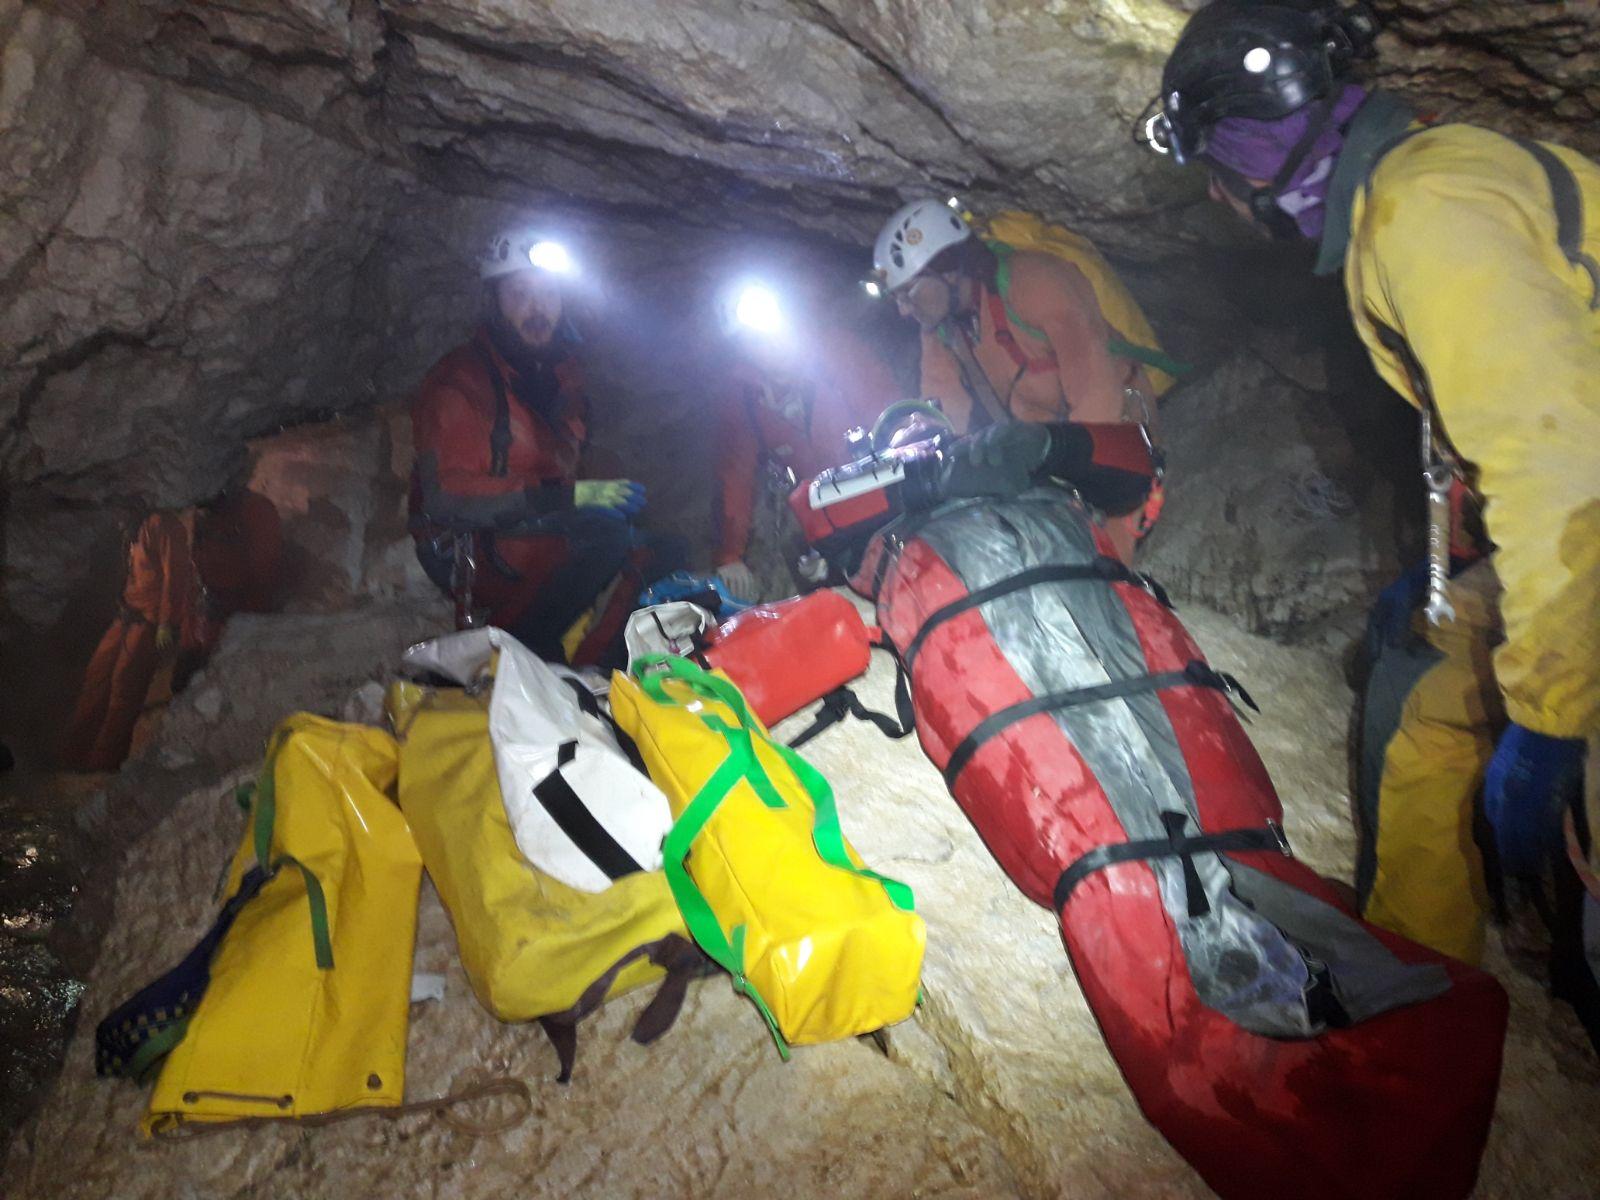 Esercitazione nazionale speleosub CNSAS ospitata in Friuli | Emergency Live 7